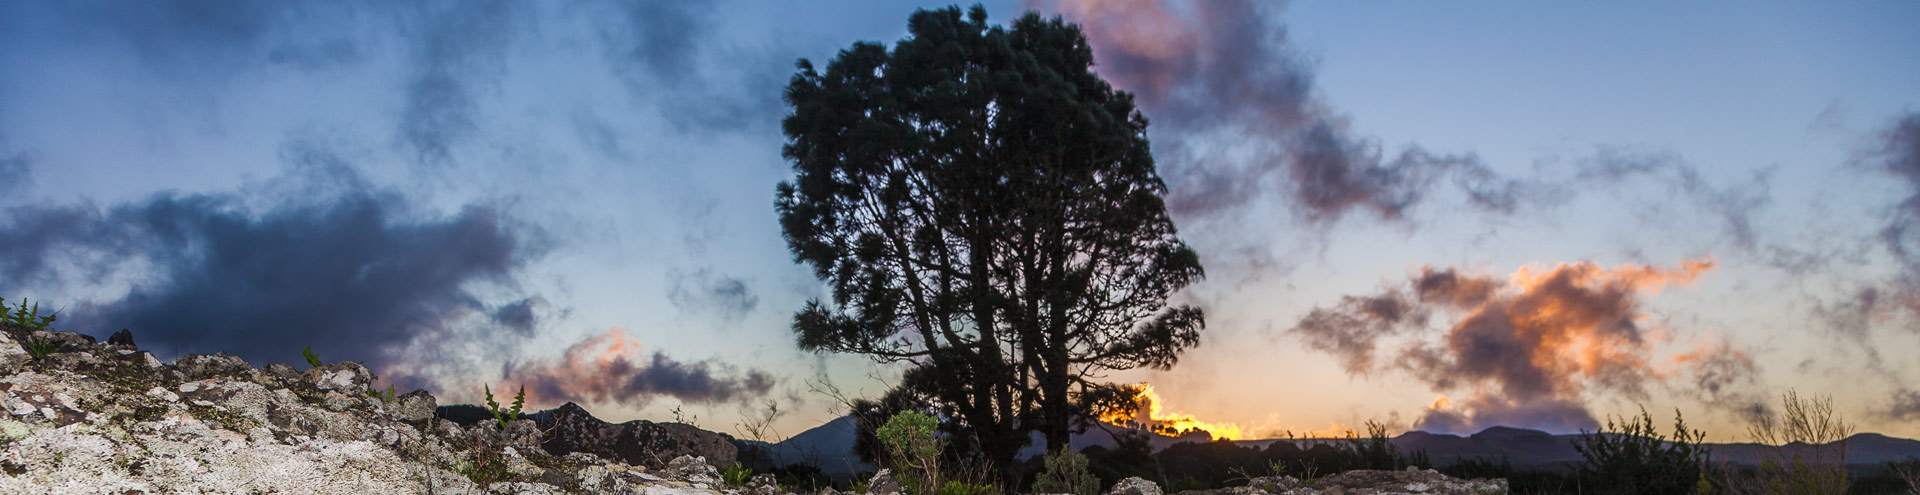 Dusk at El Hierro island